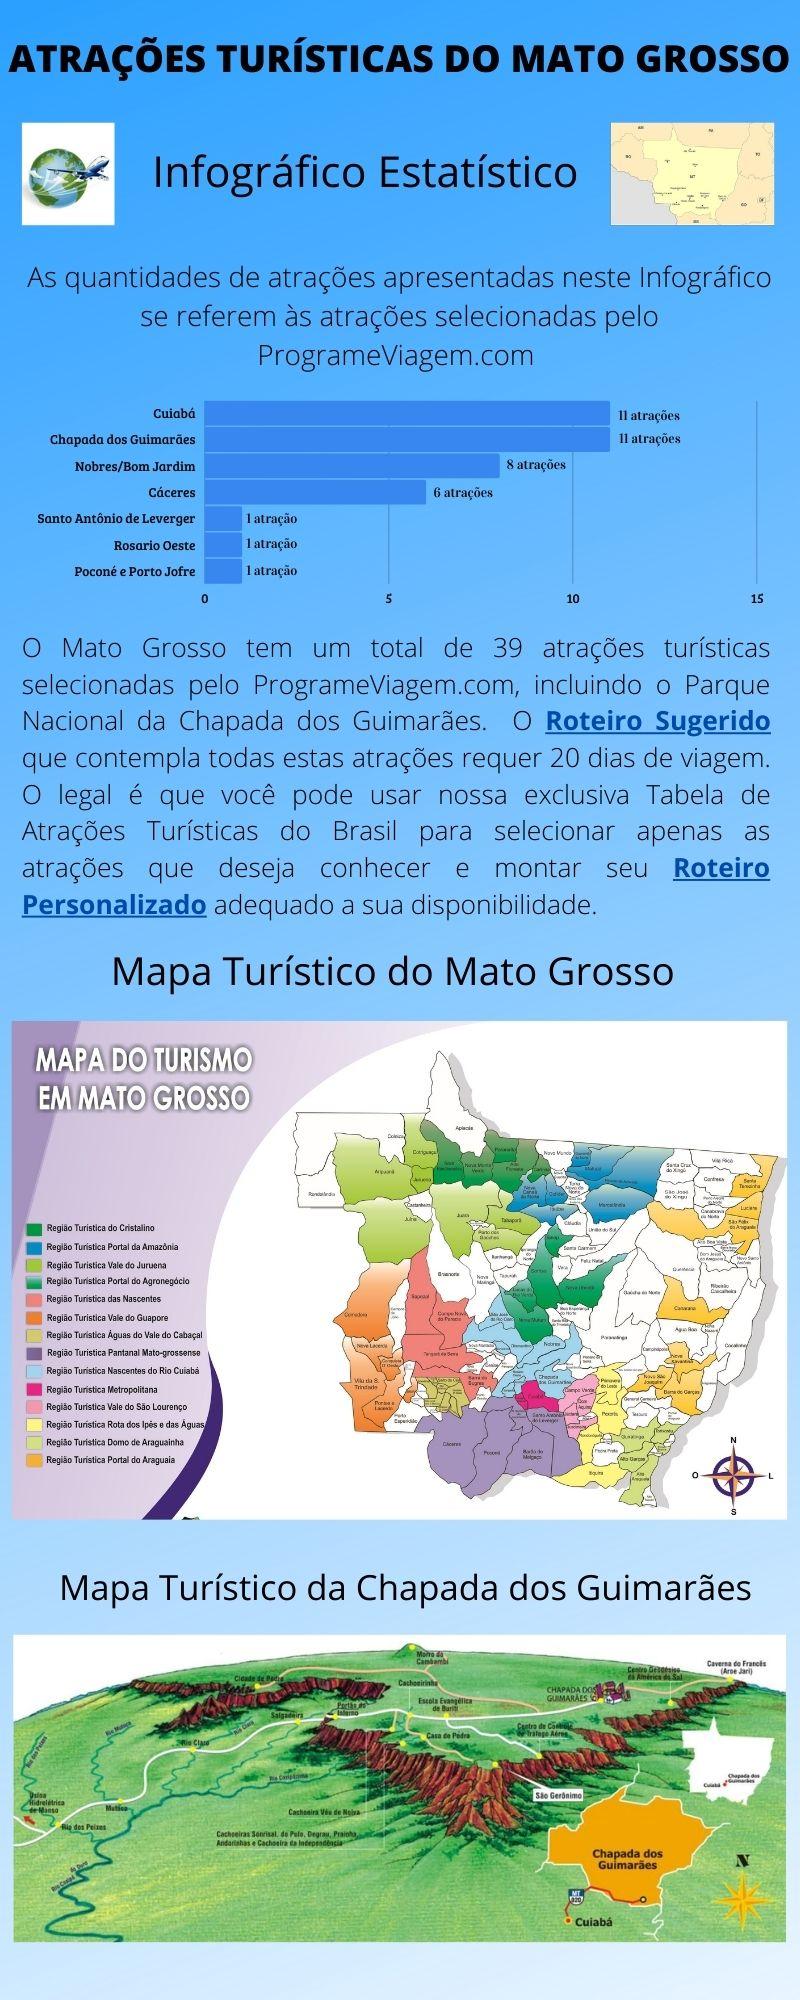 Infográfico Atrações Turísticas do Mato Grosso